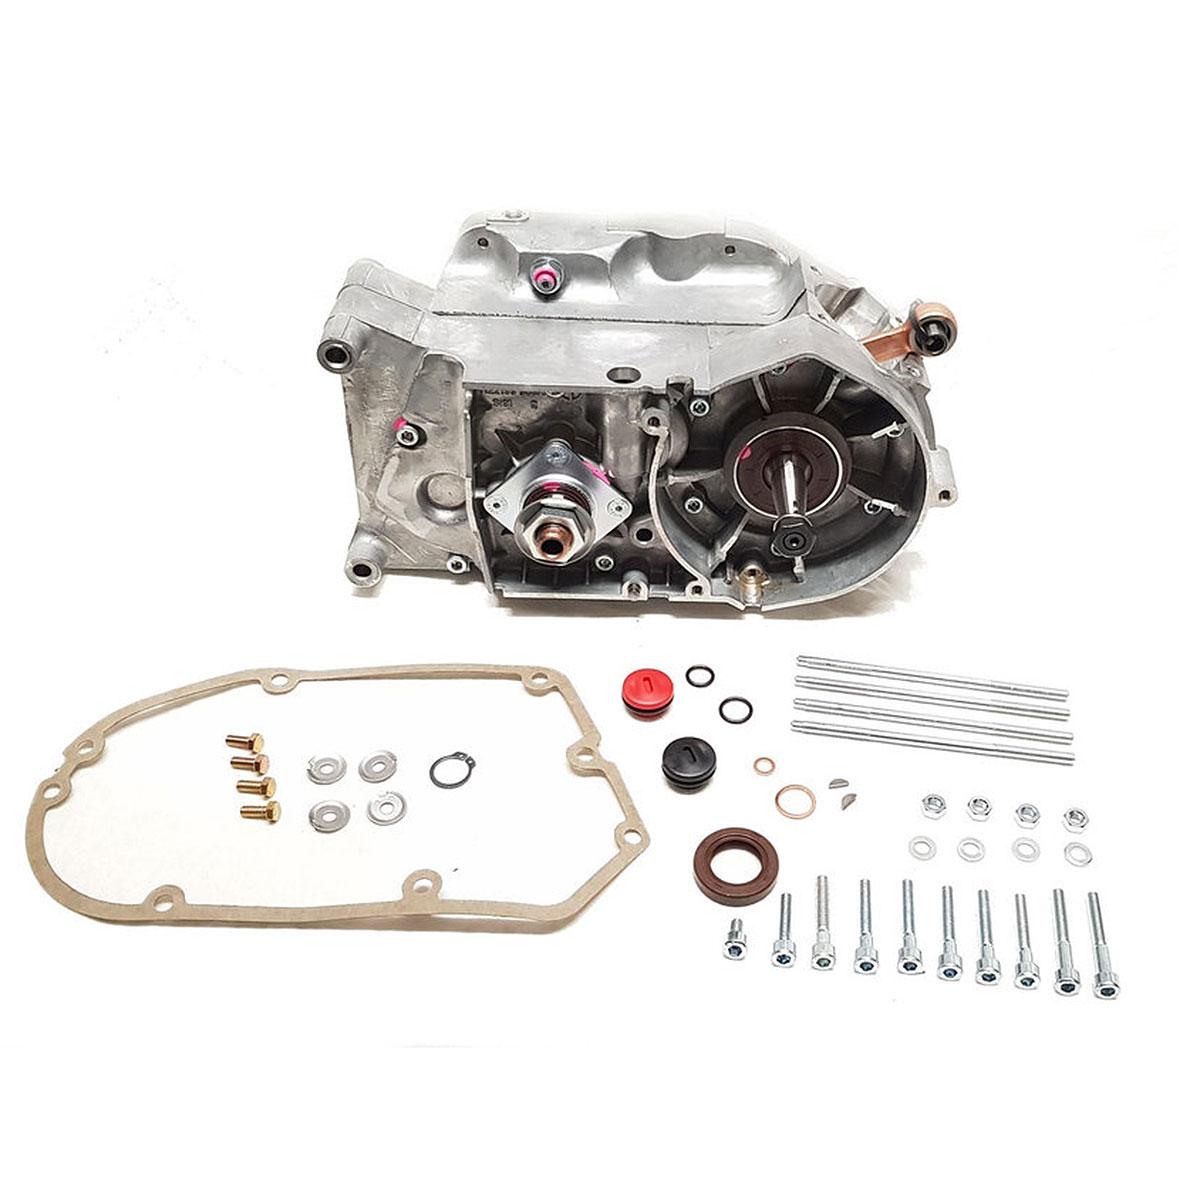 Basismotoren (Halbmotoren Neuteil)